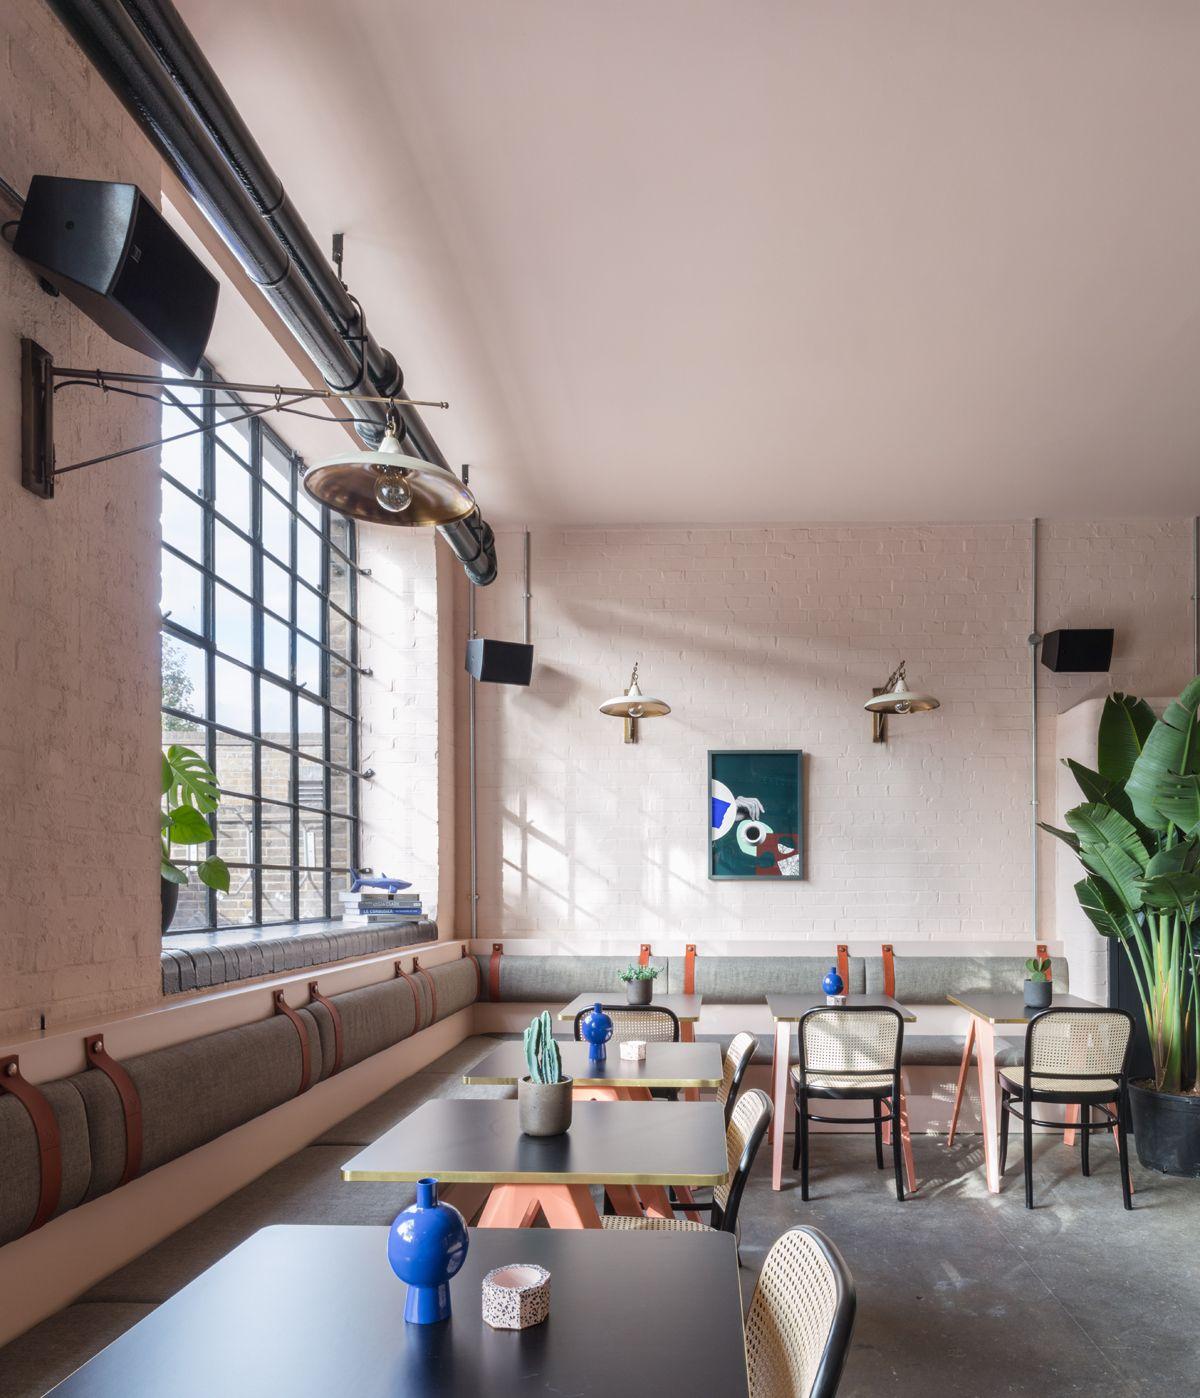 Uno Spazio Di Coworking A Londra Con Tanto Verde E Toni Pastello